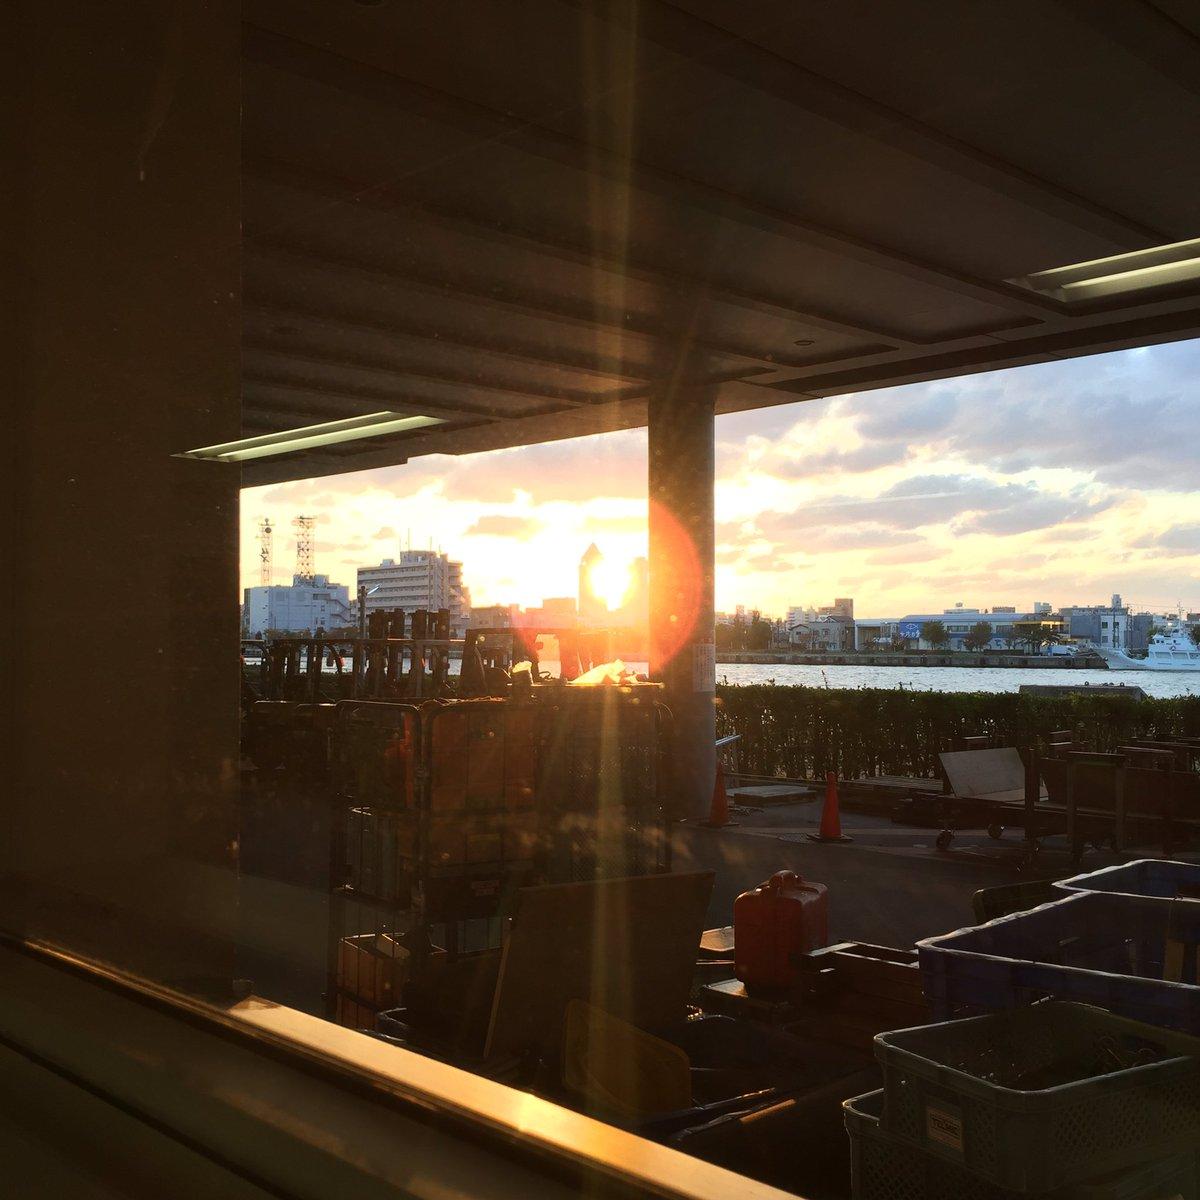 新潟2日間最高でした ✨ホッとしたのと嬉しかったのと、来ていただいた皆様に感謝の気持ちでいっぱいです ✨✨NEXT神戸〜3days ✨鍛えなおします 楽屋から見えたRAYな夕焼け ✨✨